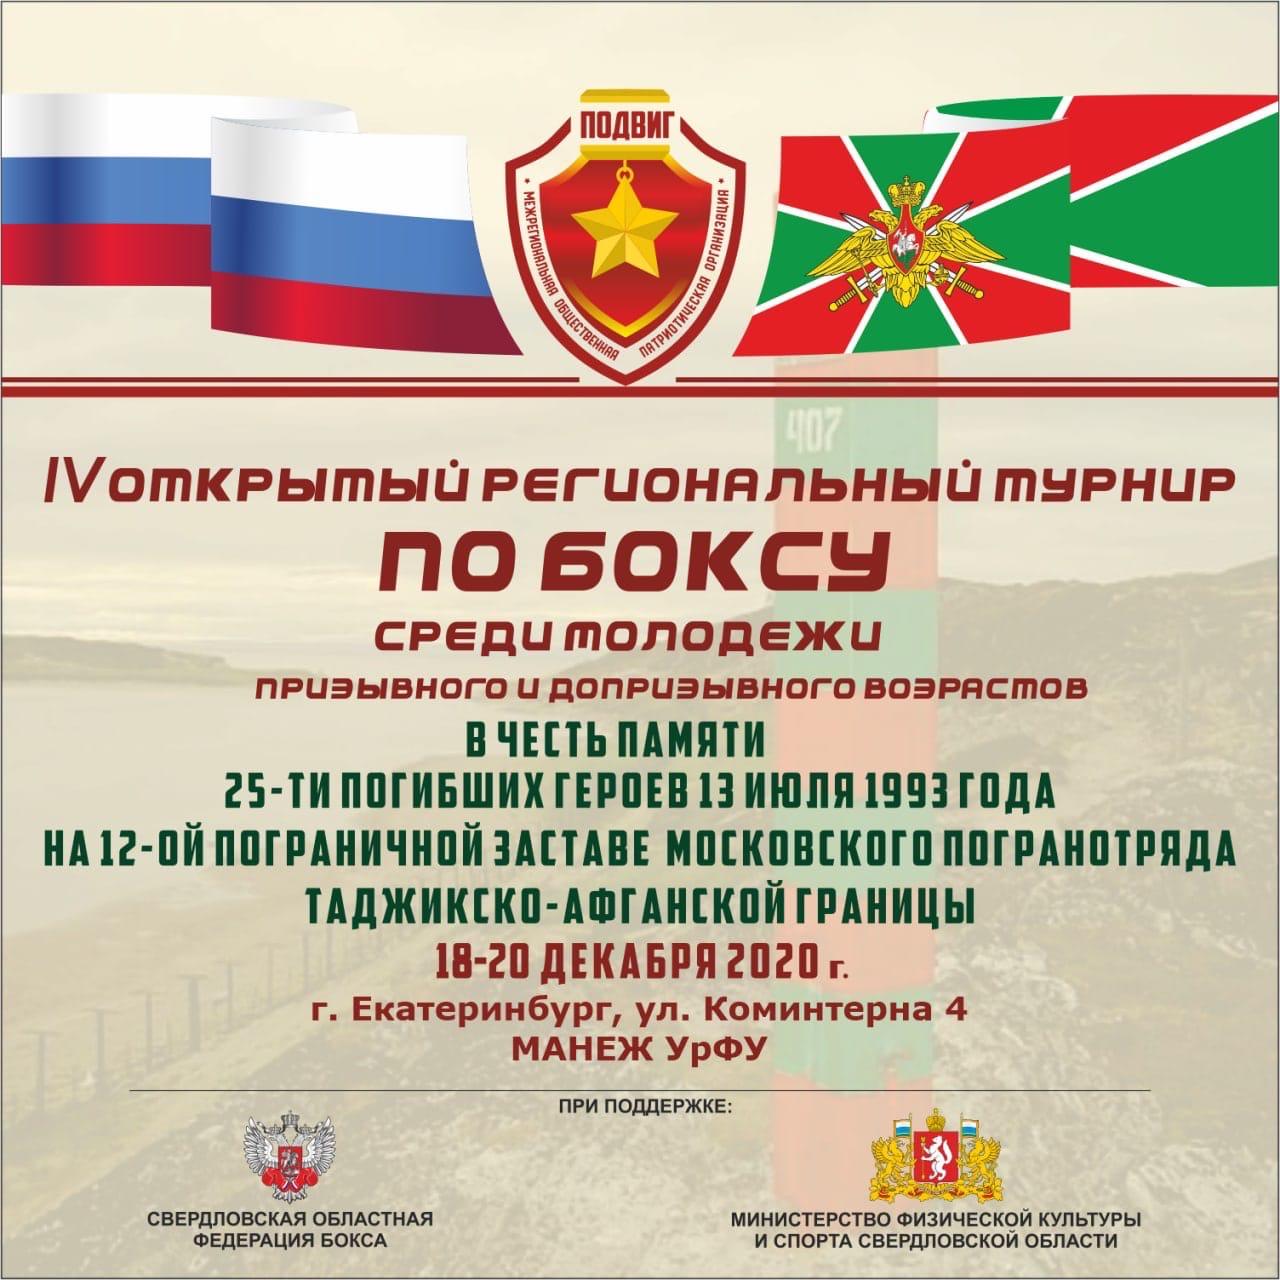 Турнир среди граждан допризывного и призывного возрастов, памяти 25-ти Героев 12 Заставы